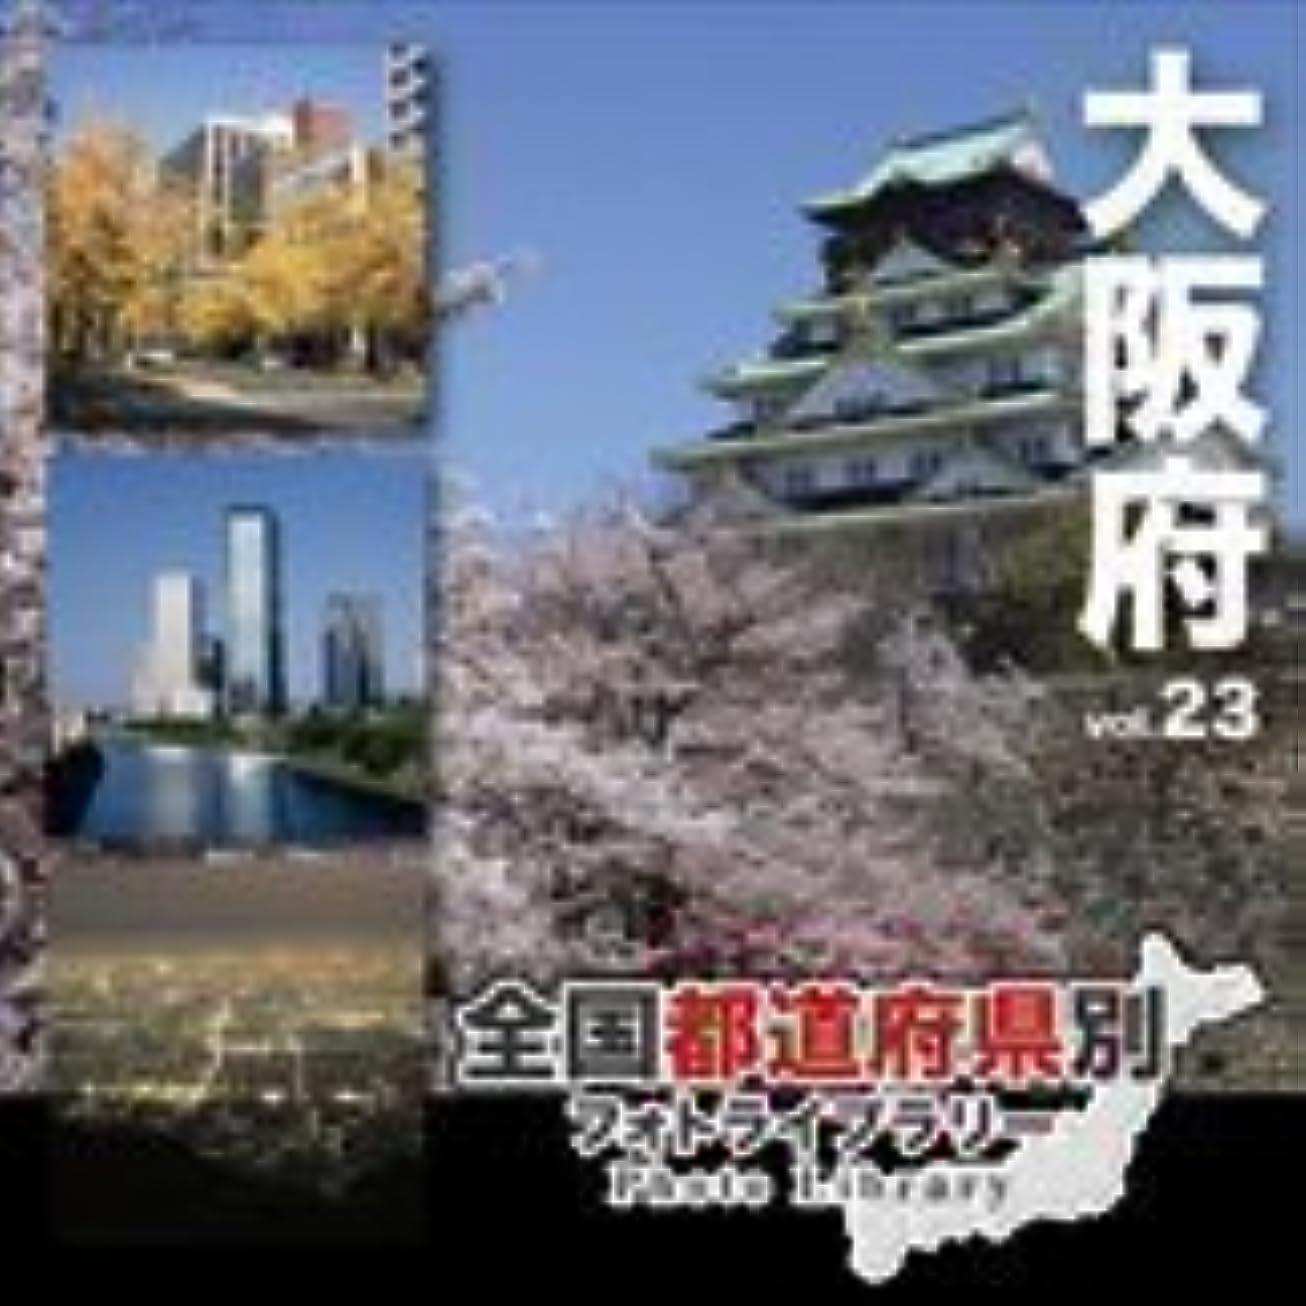 台風アート指導する全国都道府県別フォトライブラリー Vol.23 大阪府